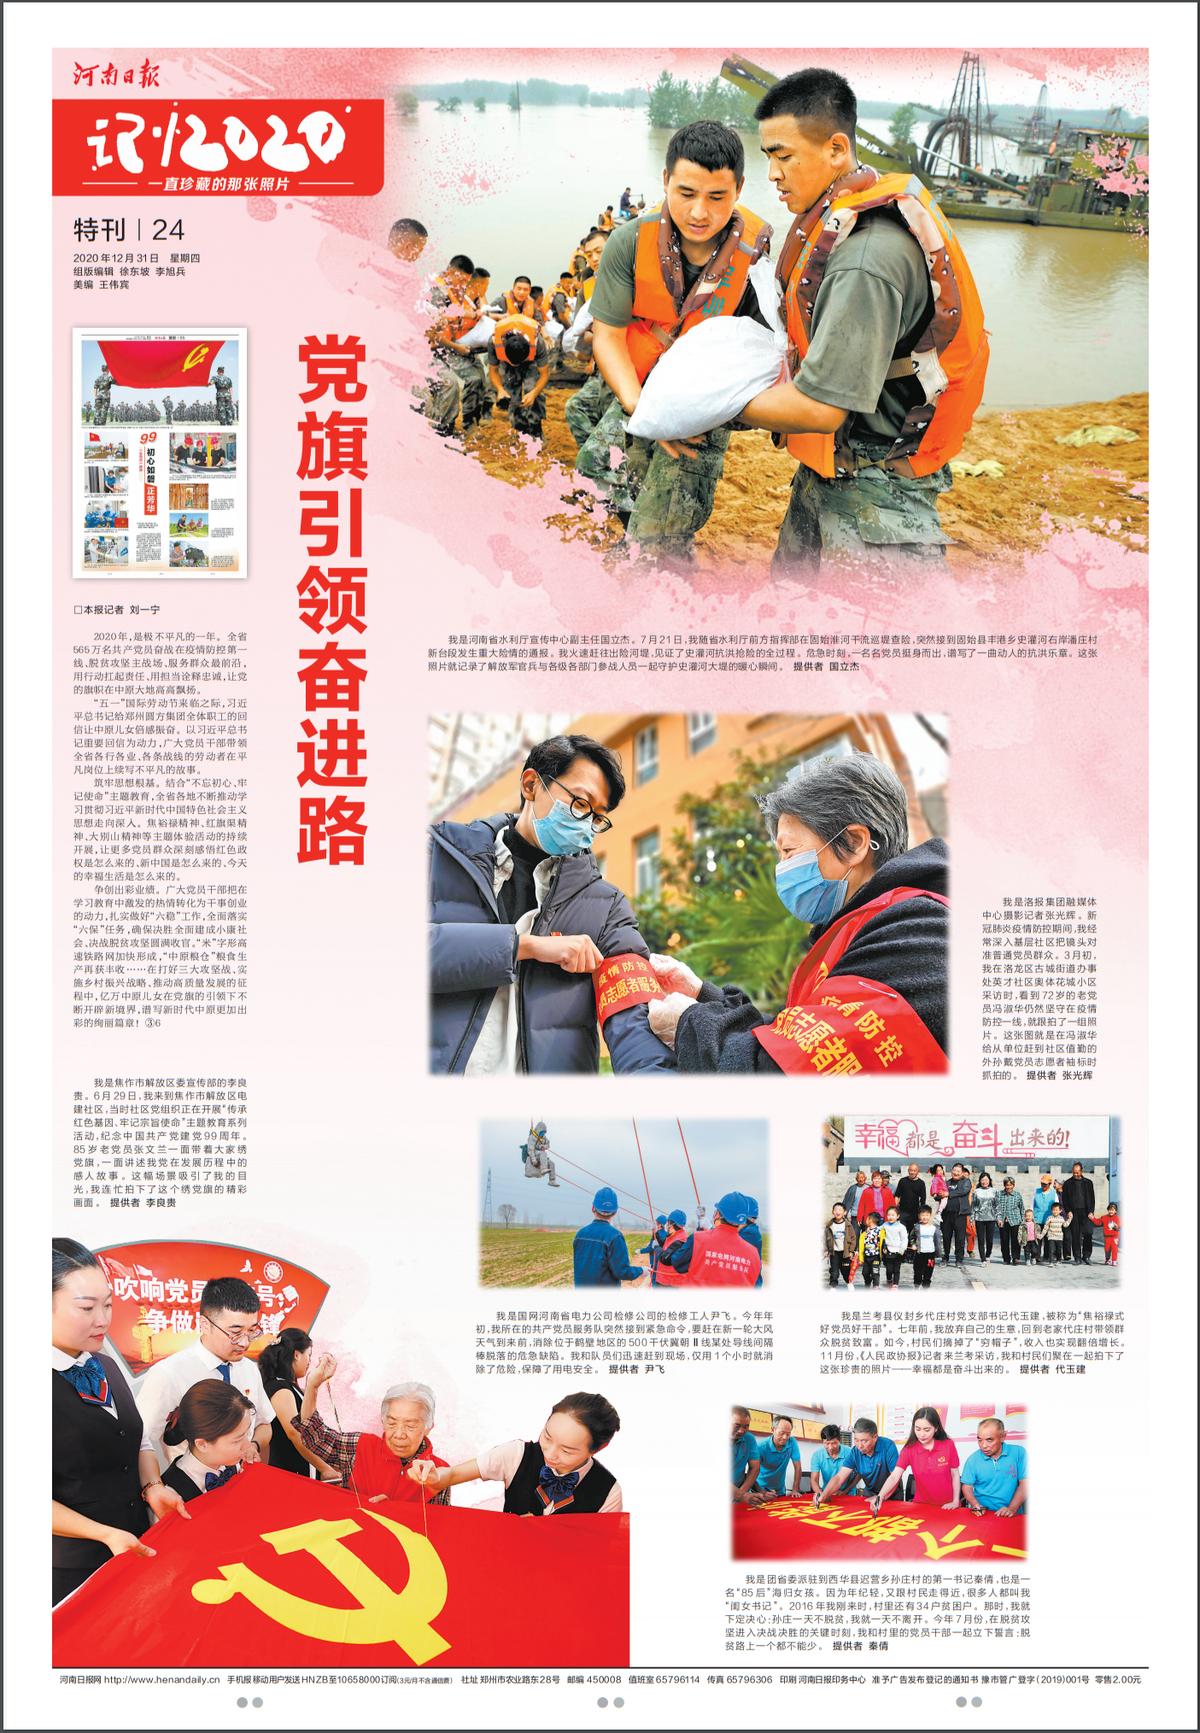 河南日报:党旗引领奋进路